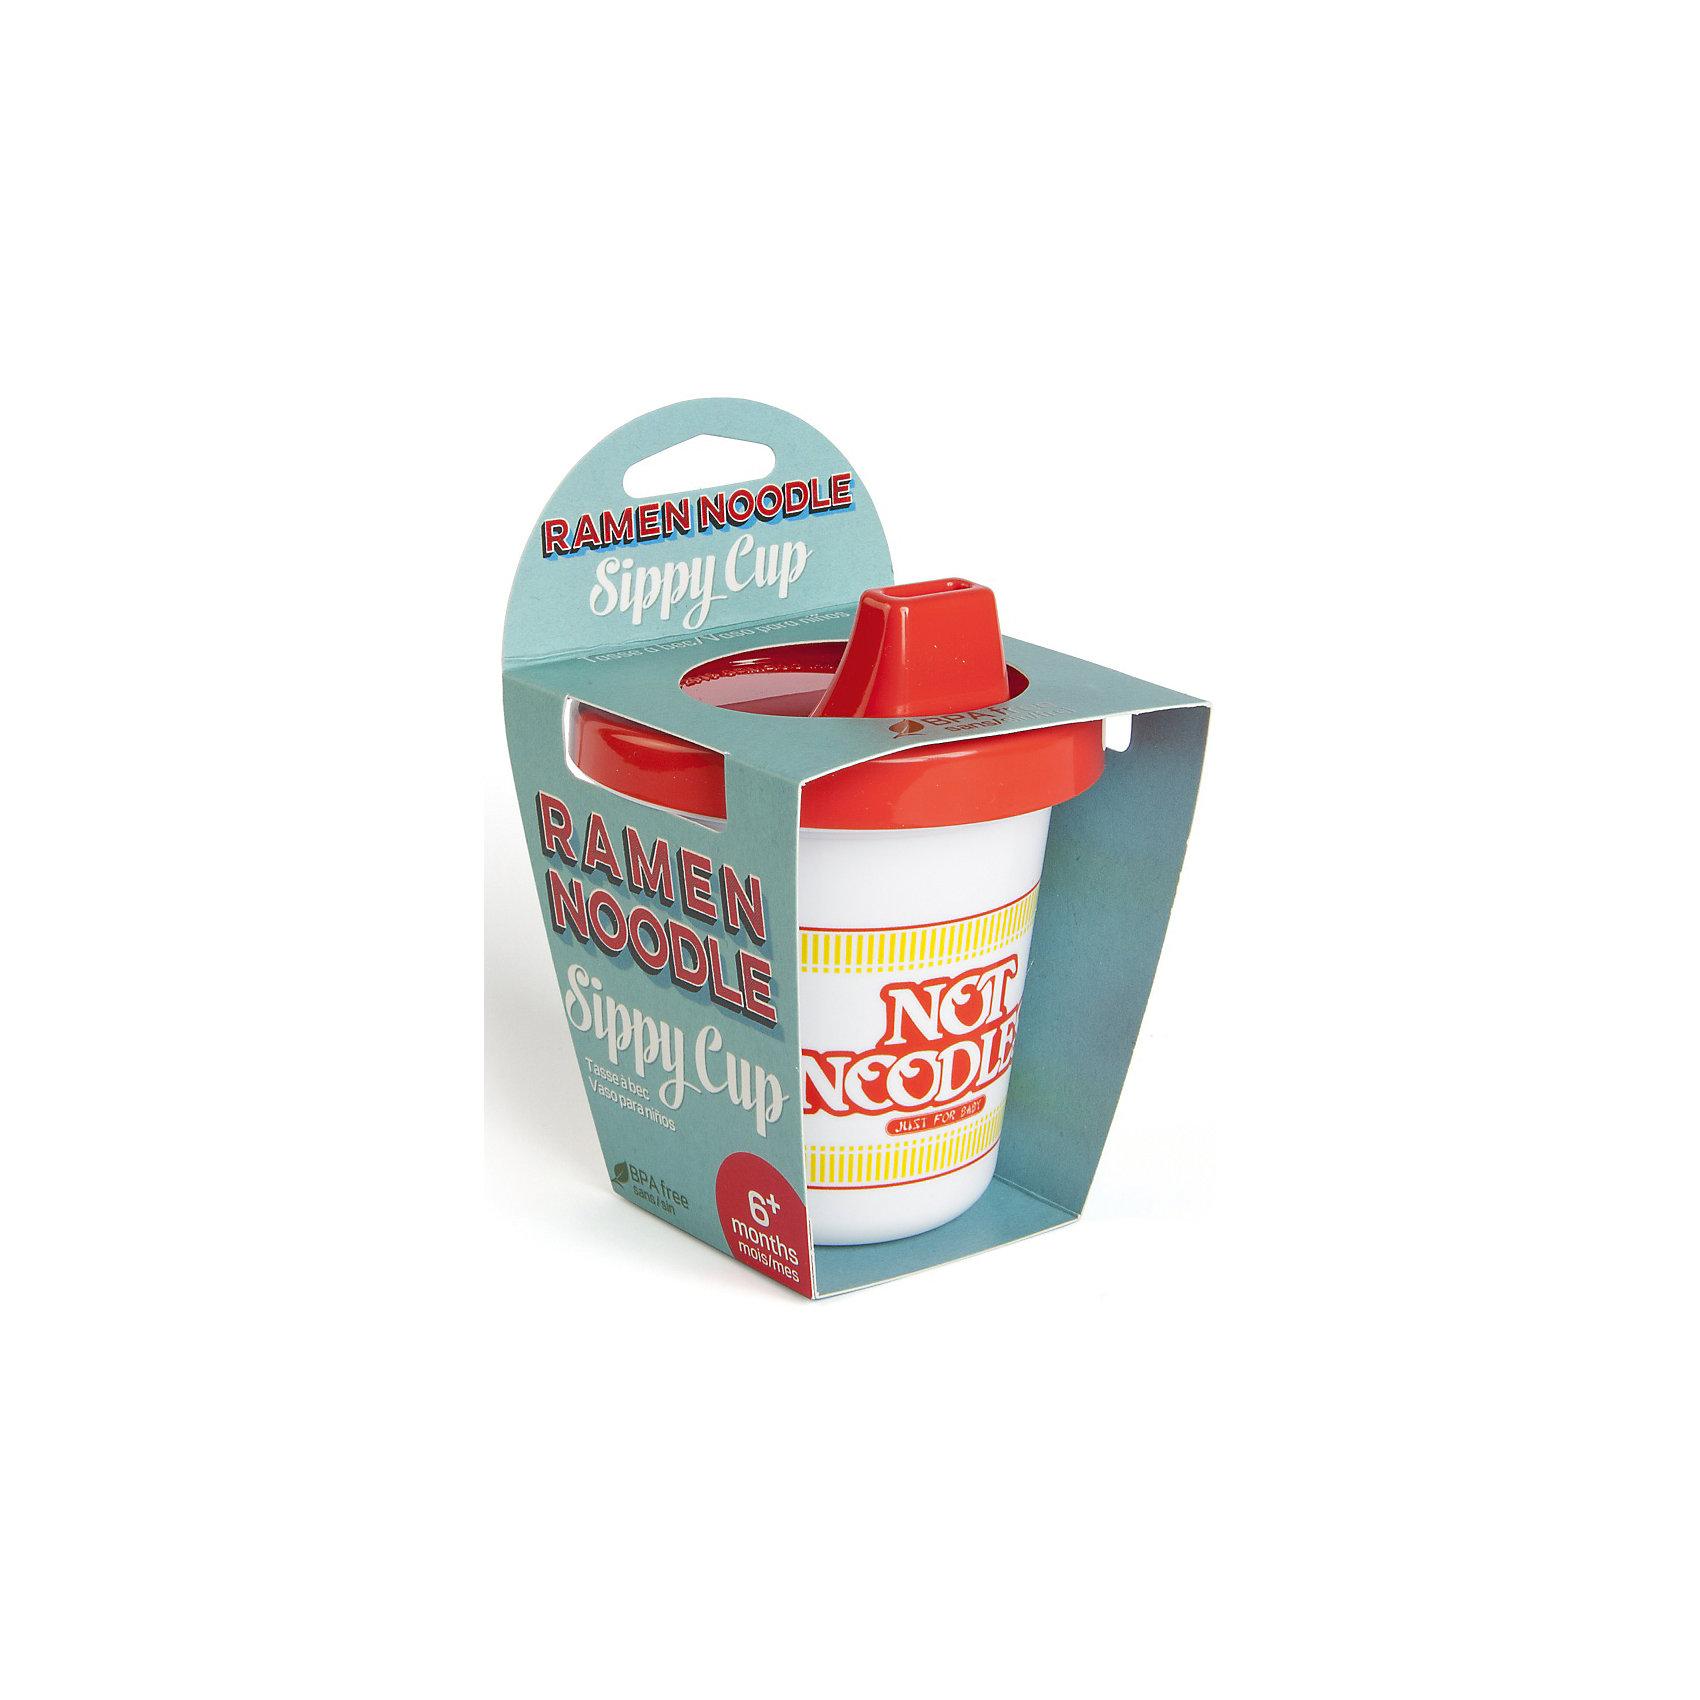 �������� Ramen Noodles Sippy Cup, Gamago